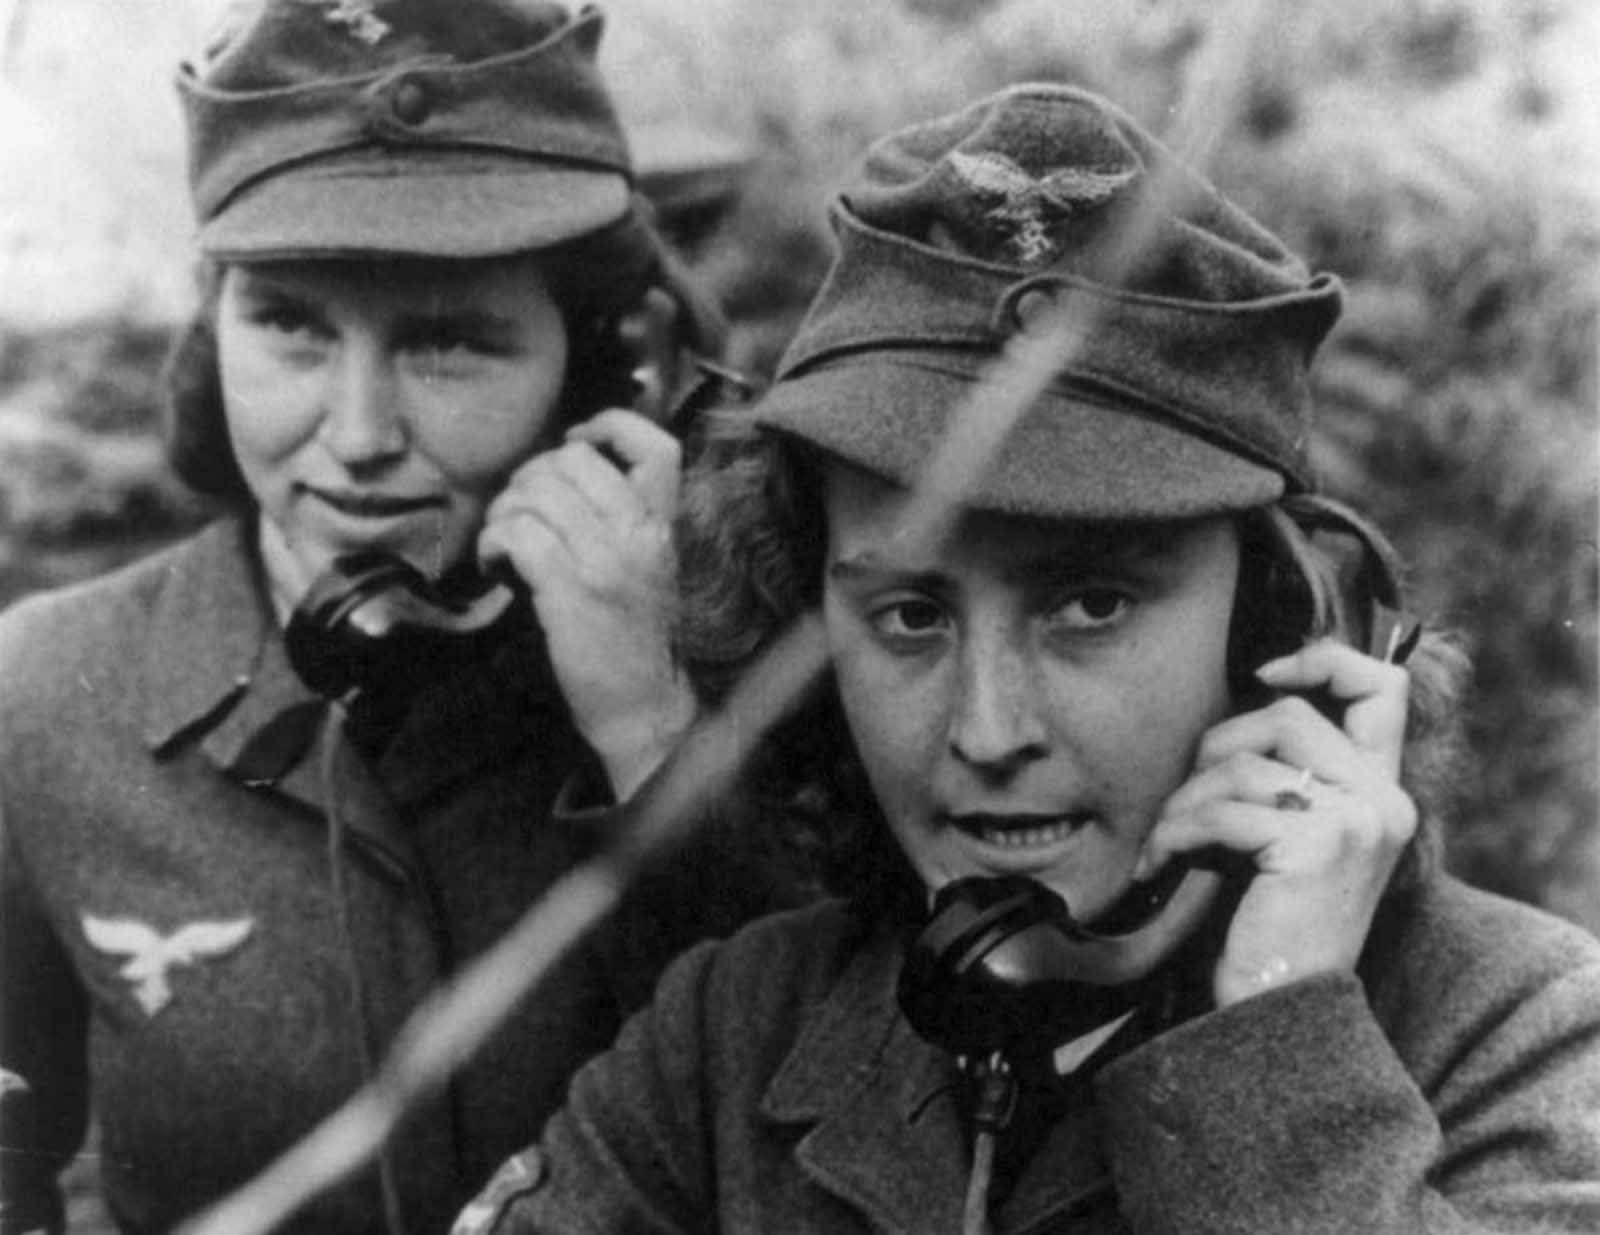 Две жени от германската анти-въздушна артилерия оперират по телефона